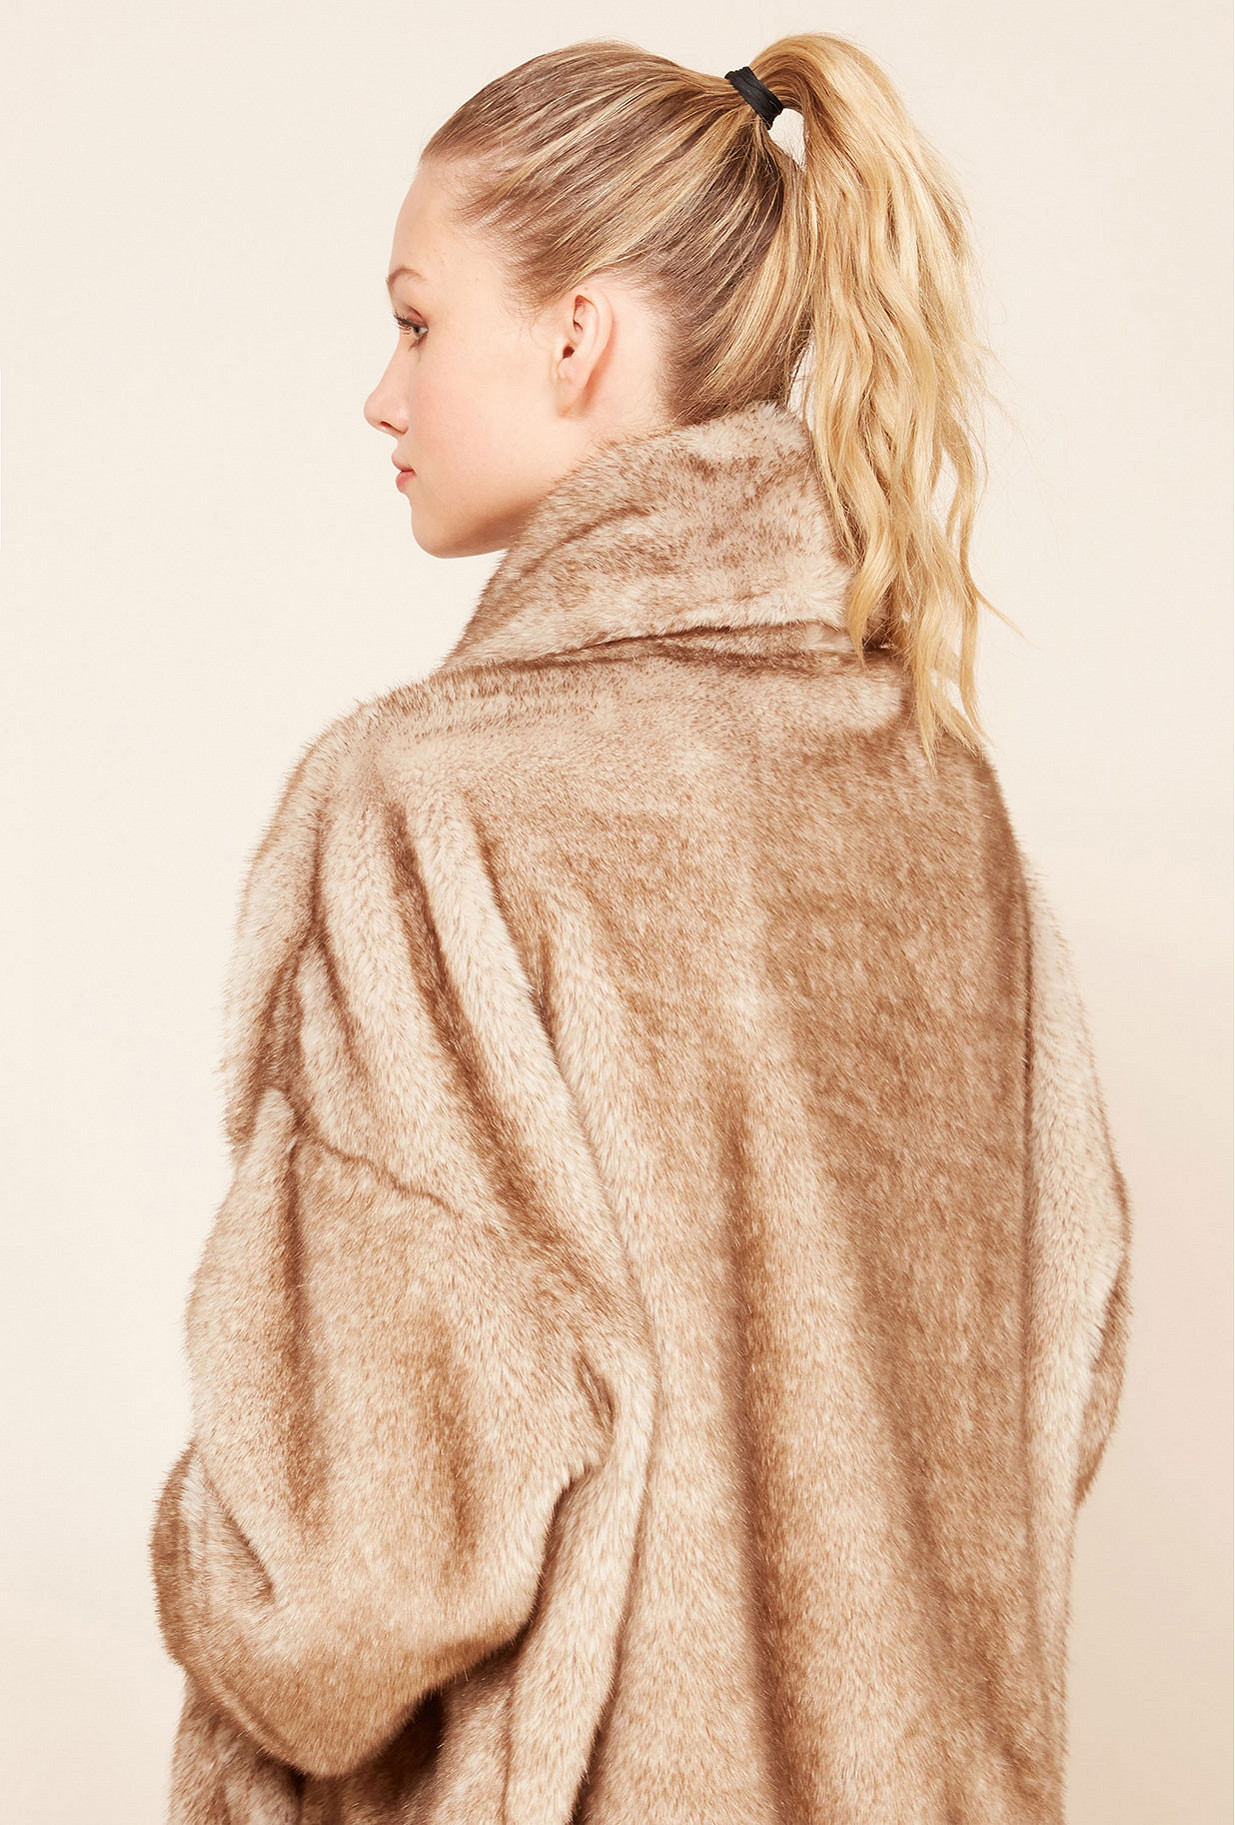 Paris boutique de mode vêtement Manteau créateur bohème  Cheldon